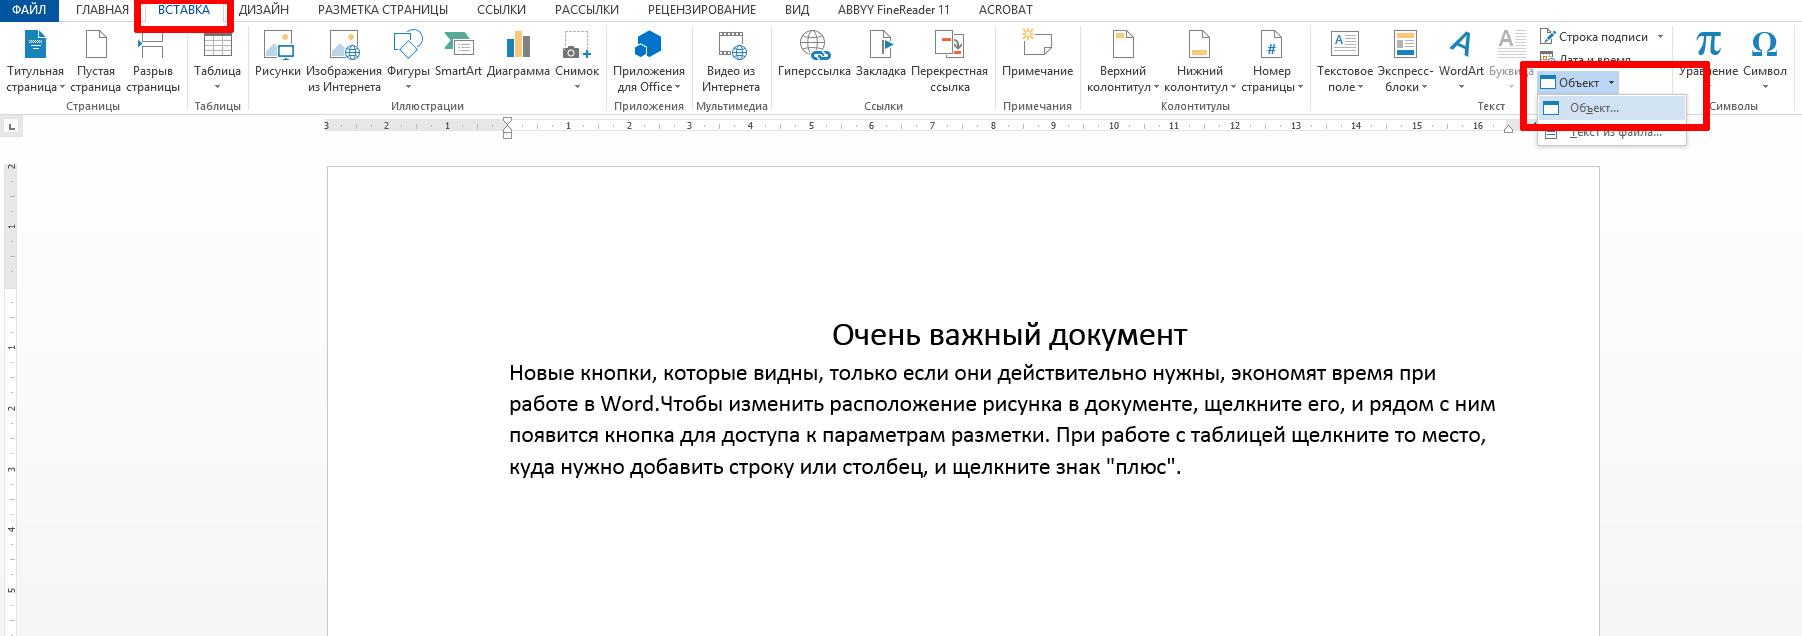 Создание связи между текстовым документом Word, другими документами и excel-таблицами